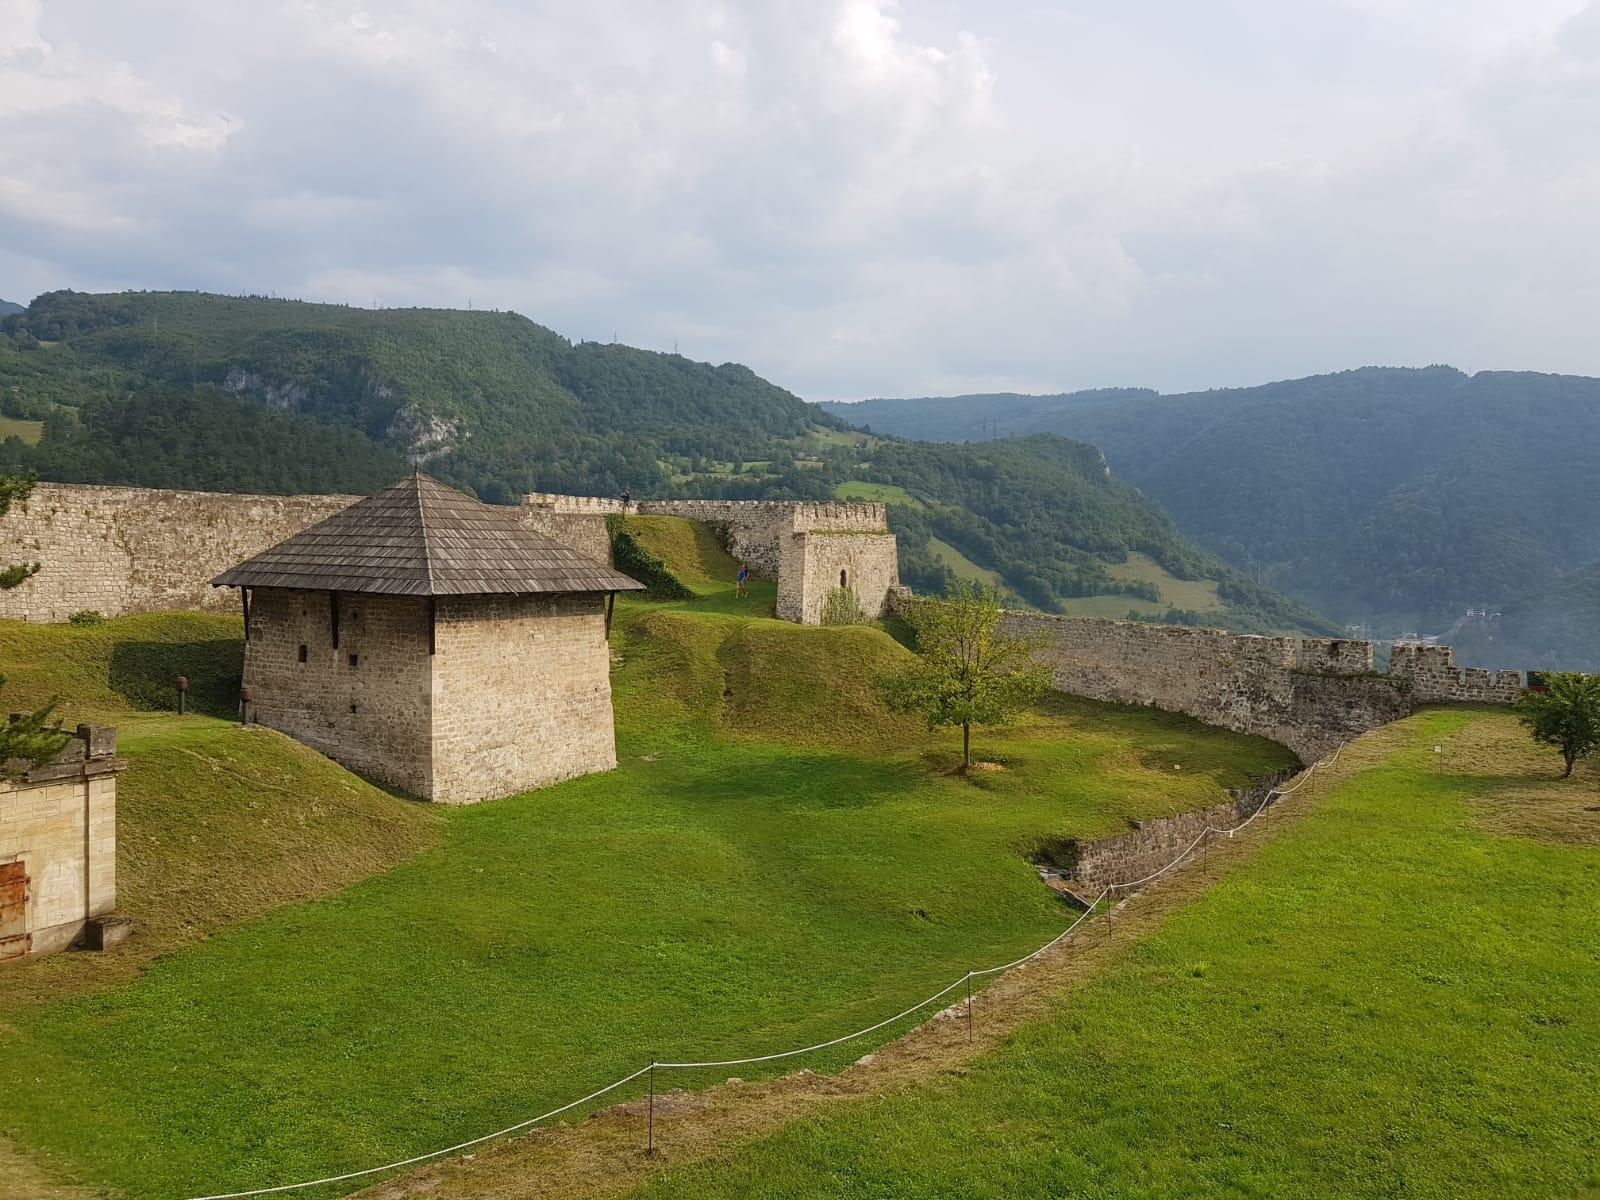 travnik, jajce, bosnia, travel, tours in bosnia, tours from sarajevo, virtual tours, virtual reality, history, culture, nature